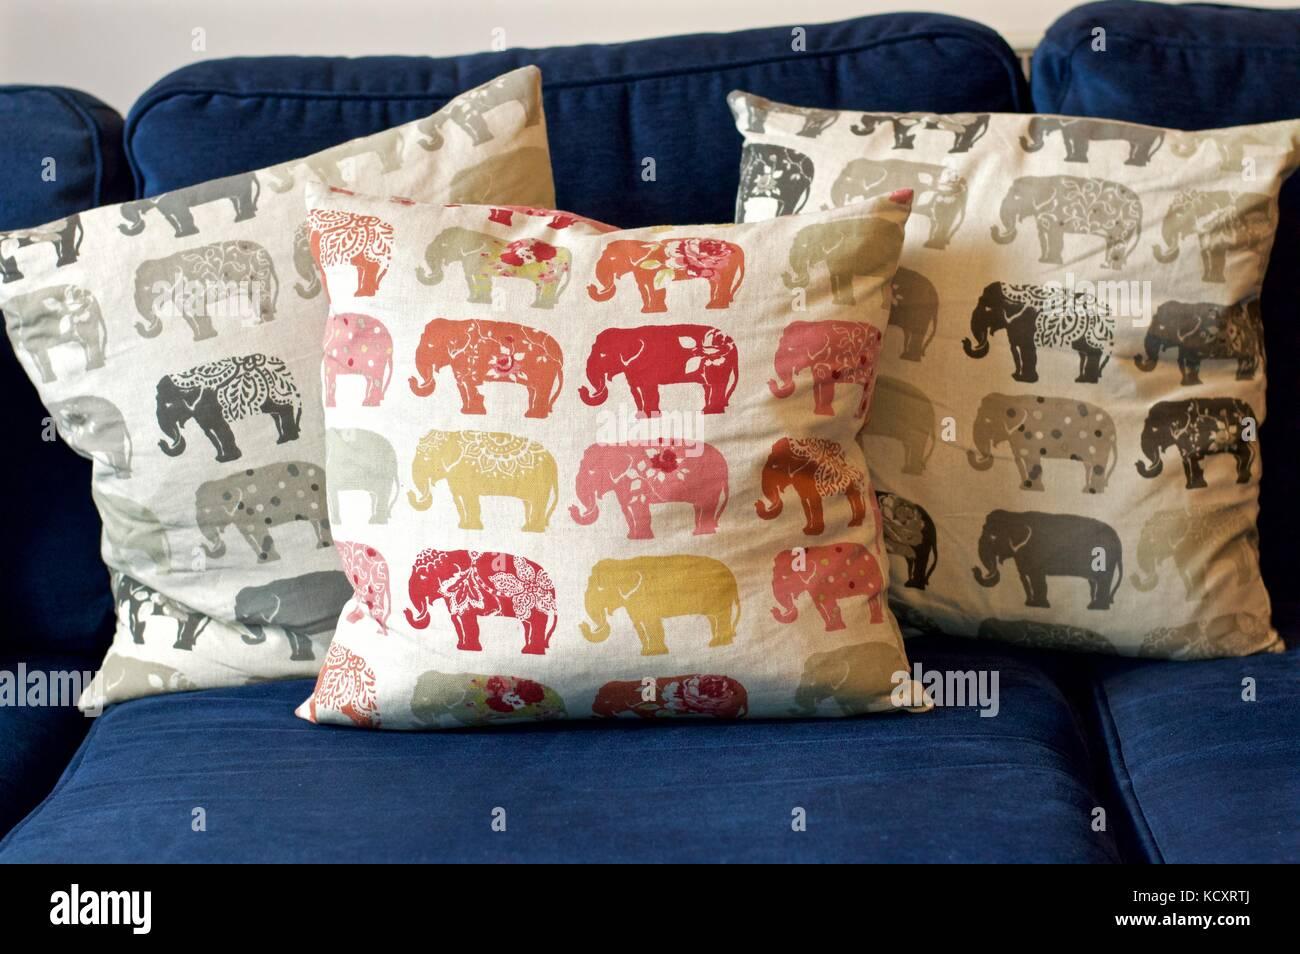 Elephant patterned cushions on blue sofa - Stock Image